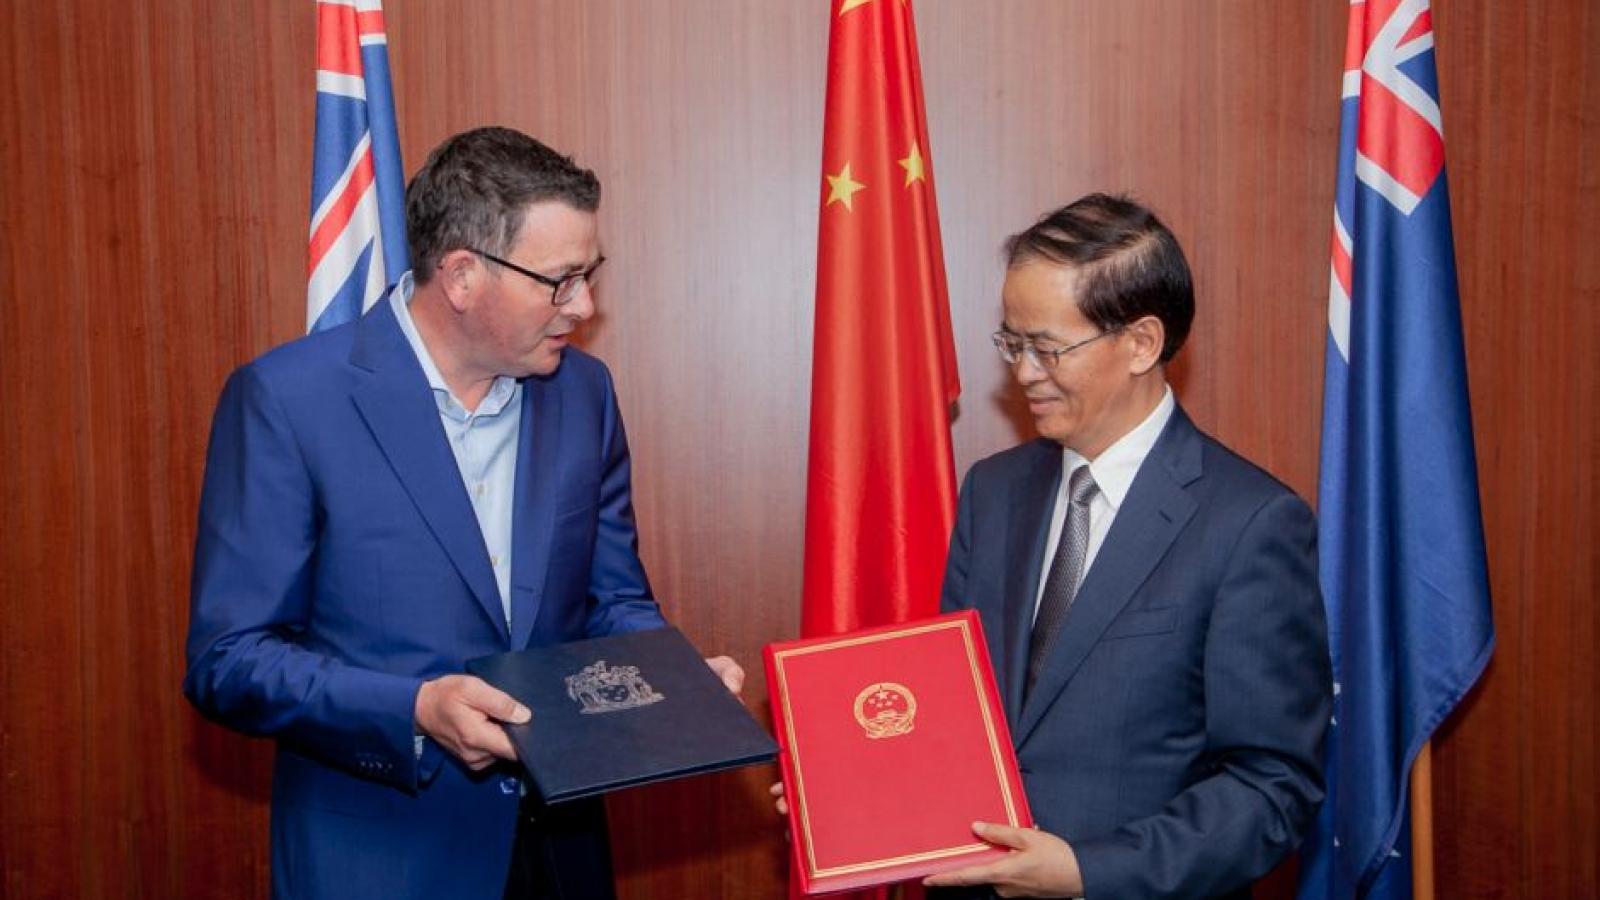 Bang Victoria (Australia) có thể hủy thỏa thuận Vành đai và Con đường với Trung Quốc